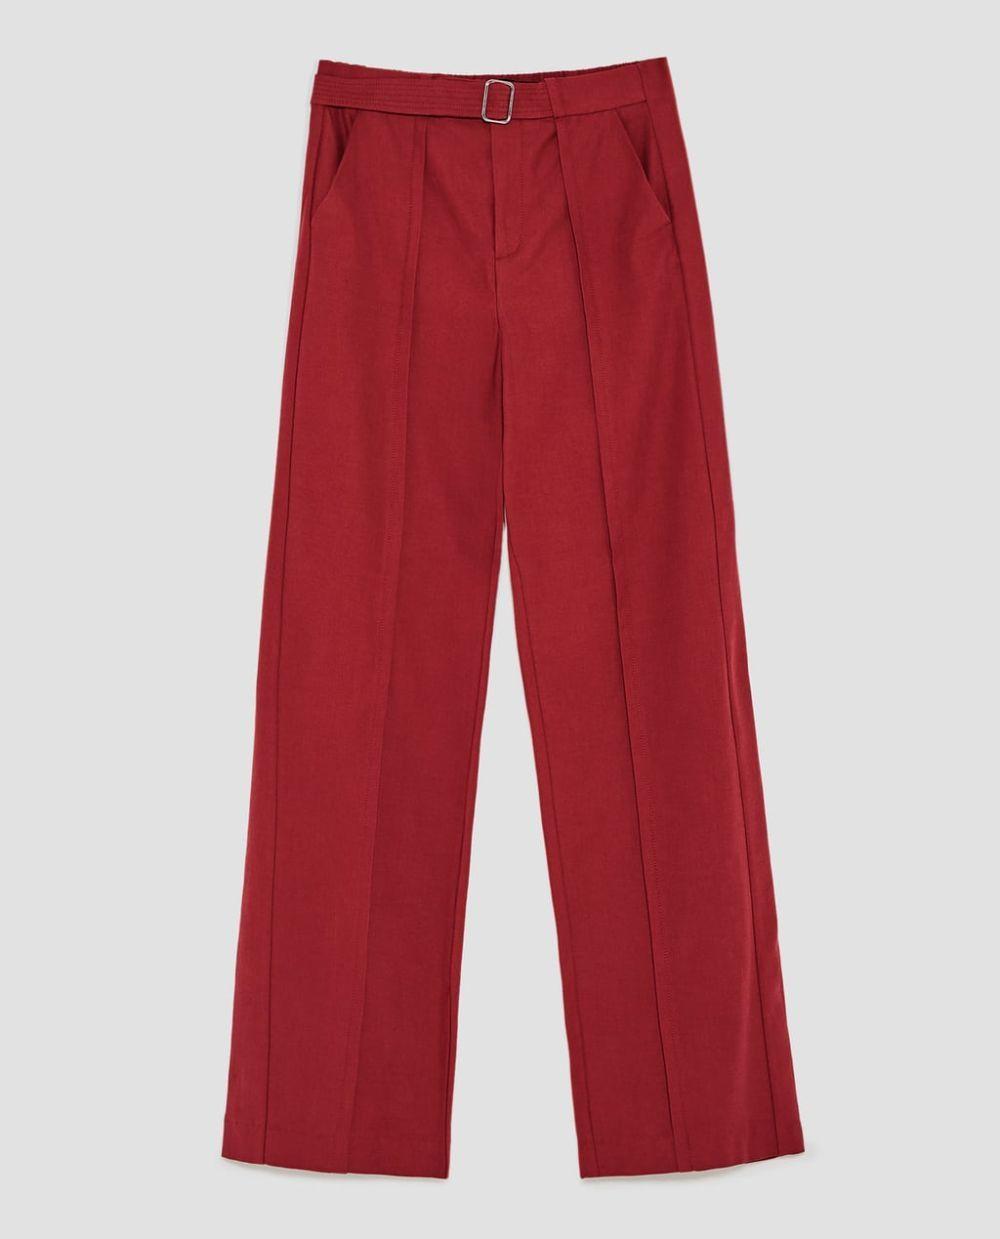 Pantalón ancho color caldera de Zara (19,99 euros)